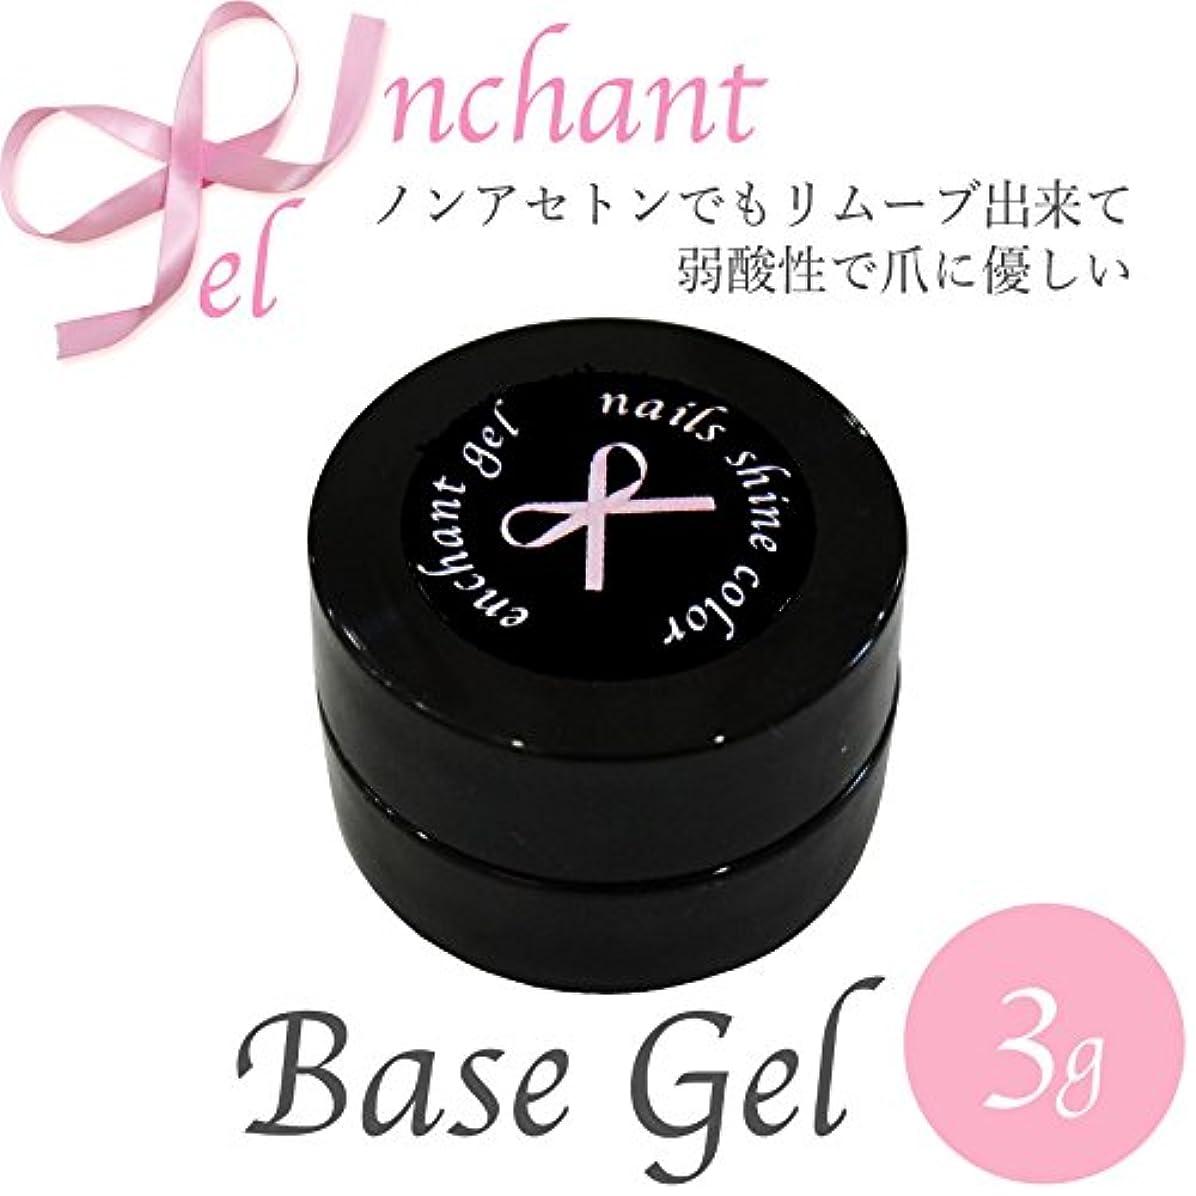 ブラウザ助けて行き当たりばったりenchant gel clear base gel 3g/エンチャントジェル クリアーベースジェル 3グラム